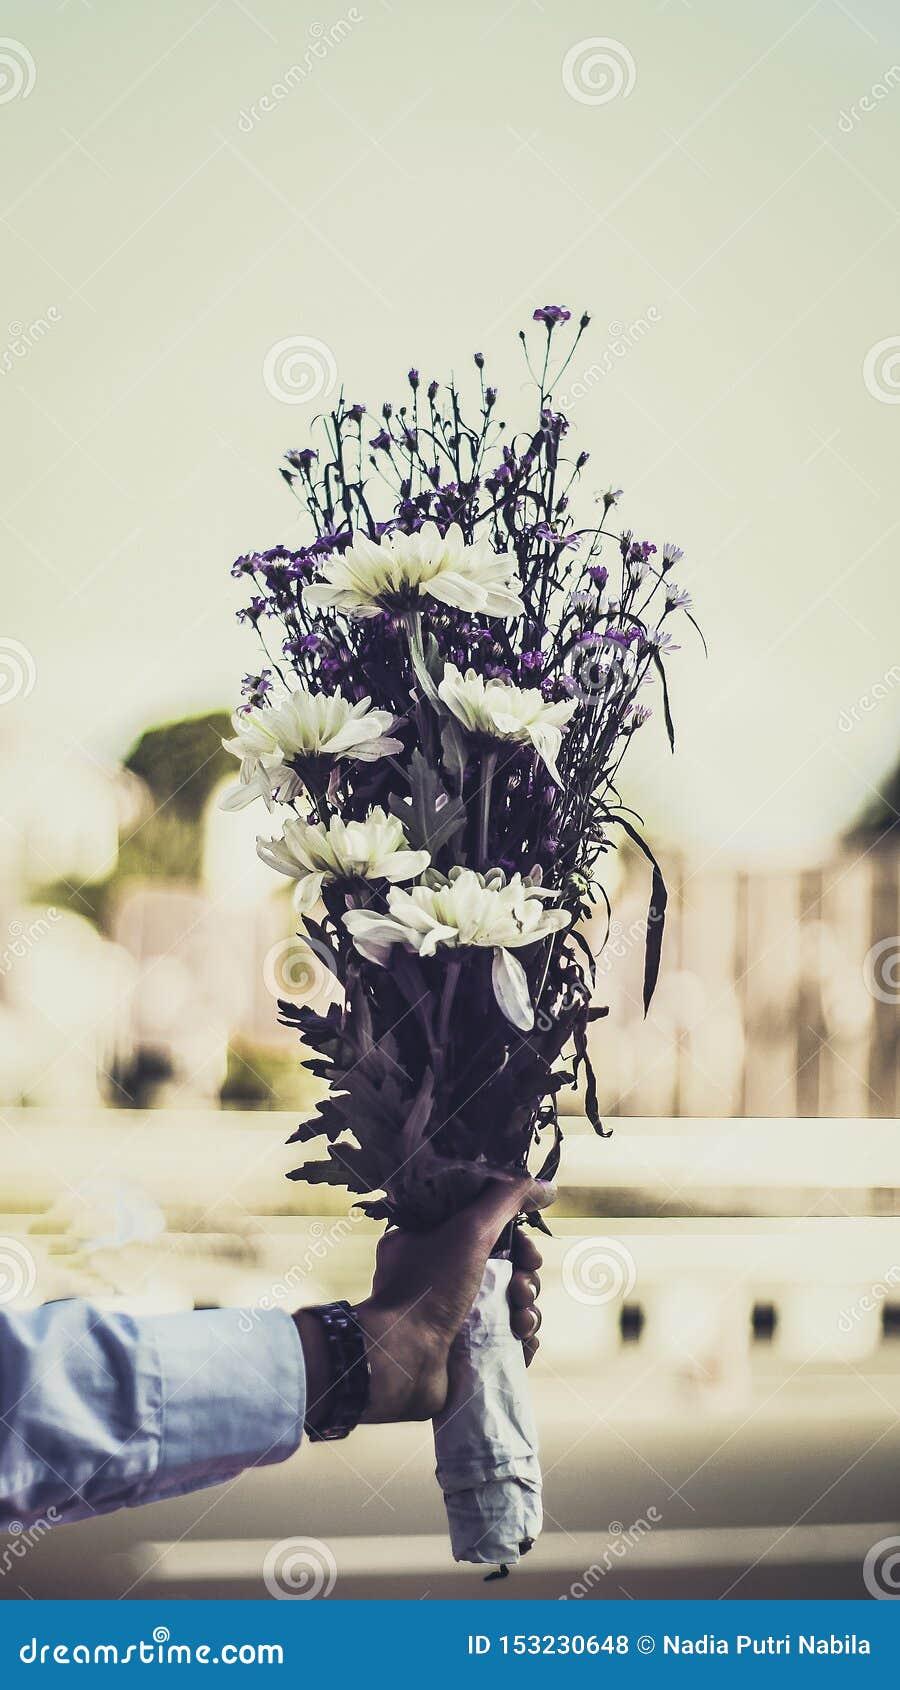 Qualcuno che tiene un mazzo del fiore della margherita bianca per una sorpresa